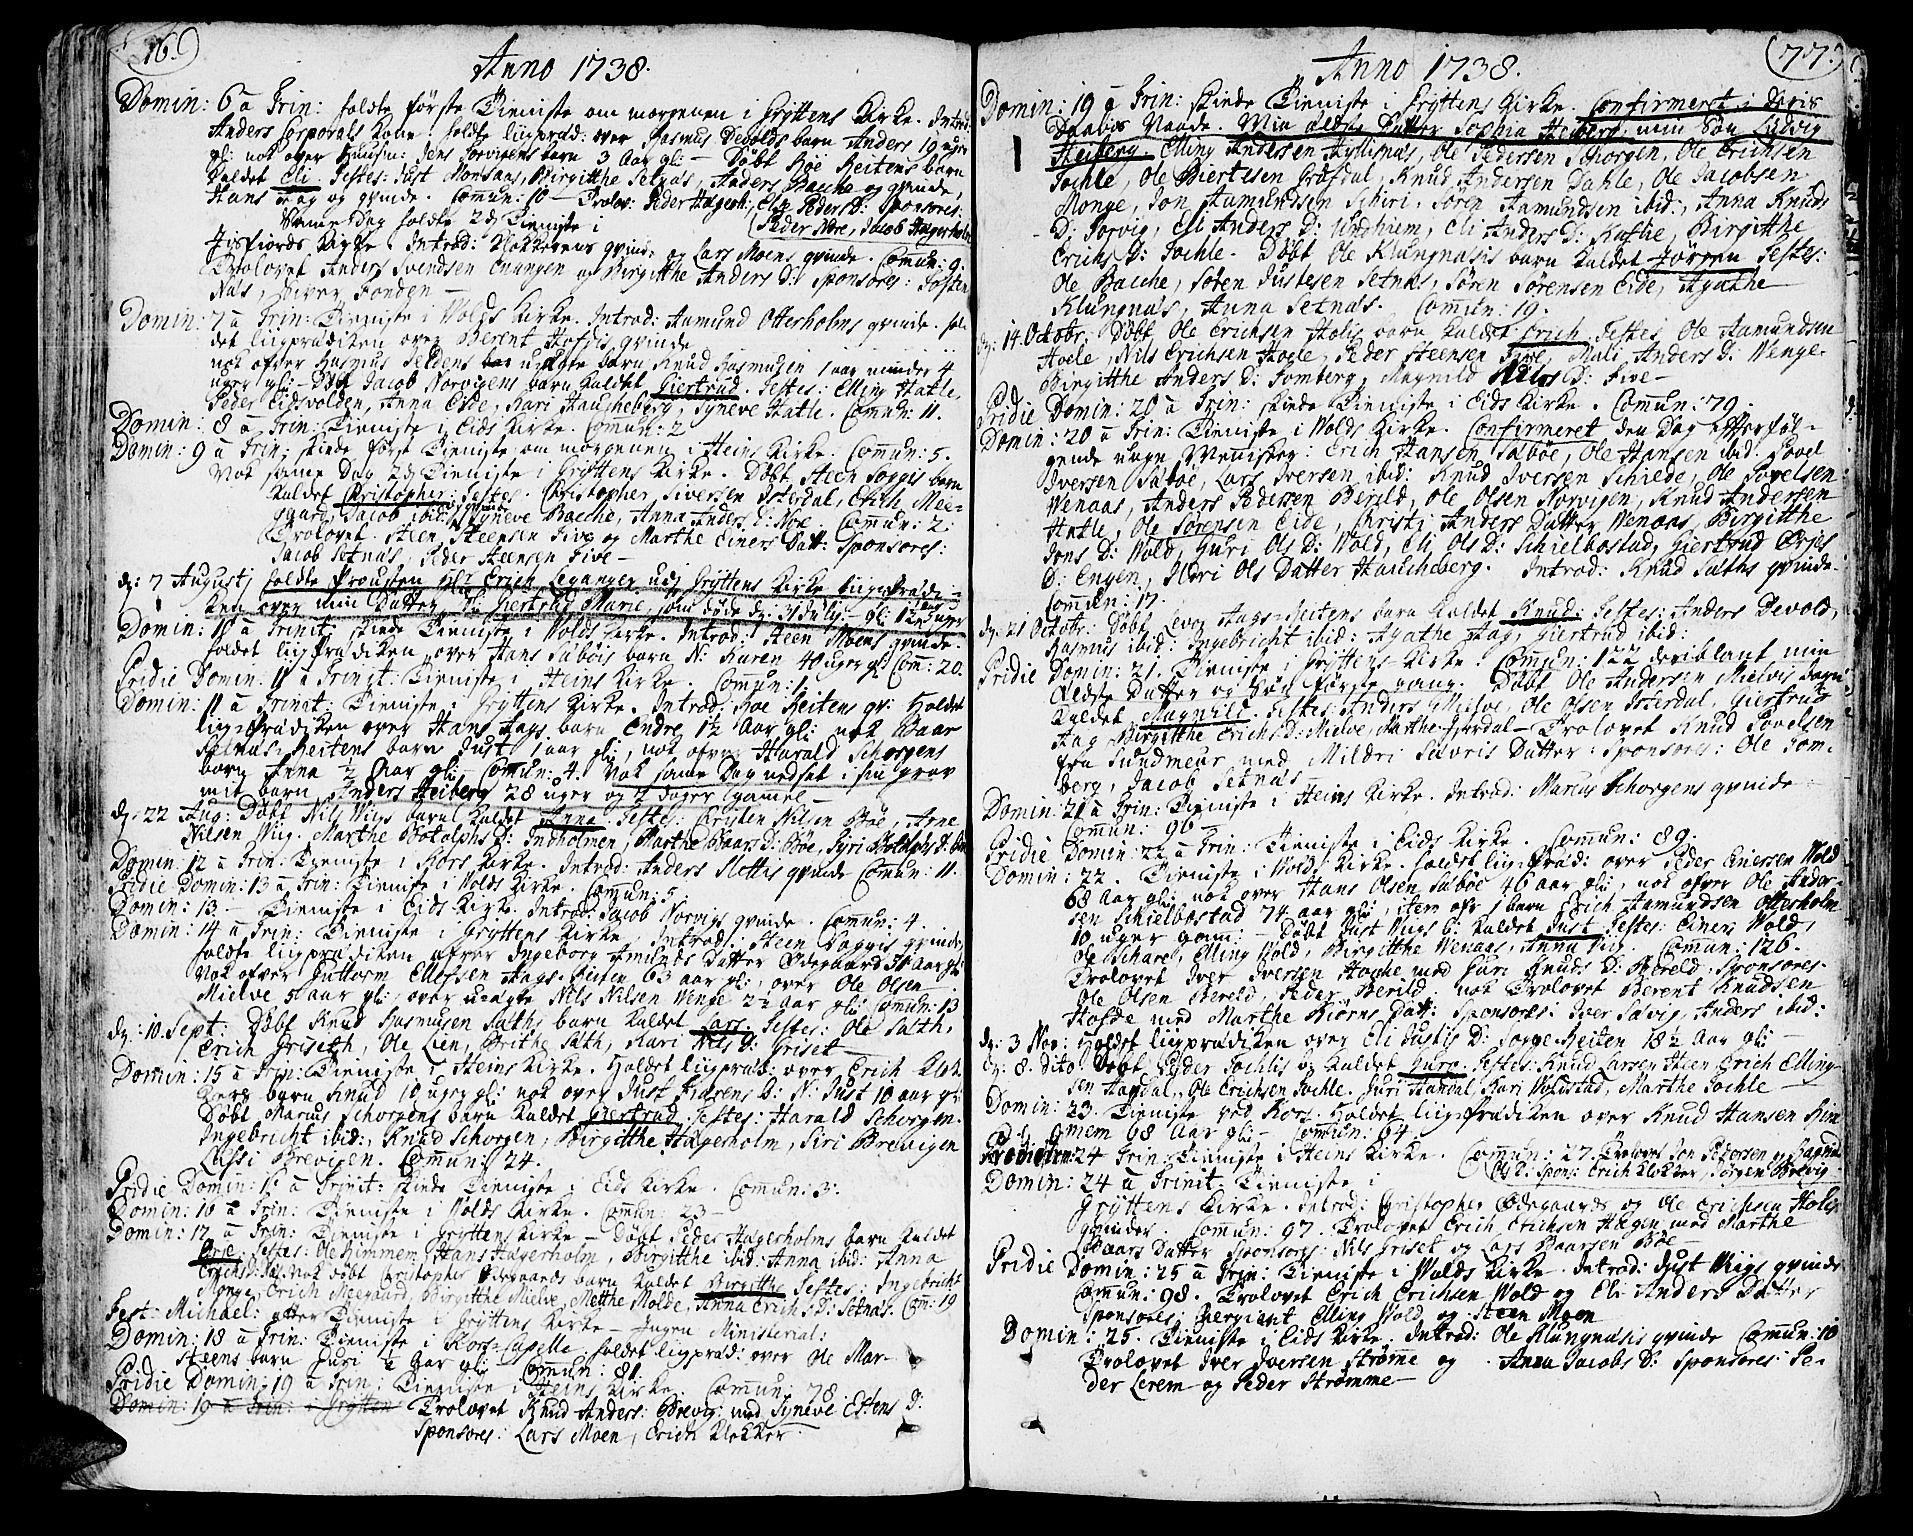 SAT, Ministerialprotokoller, klokkerbøker og fødselsregistre - Møre og Romsdal, 544/L0568: Ministerialbok nr. 544A01, 1725-1763, s. 76-77